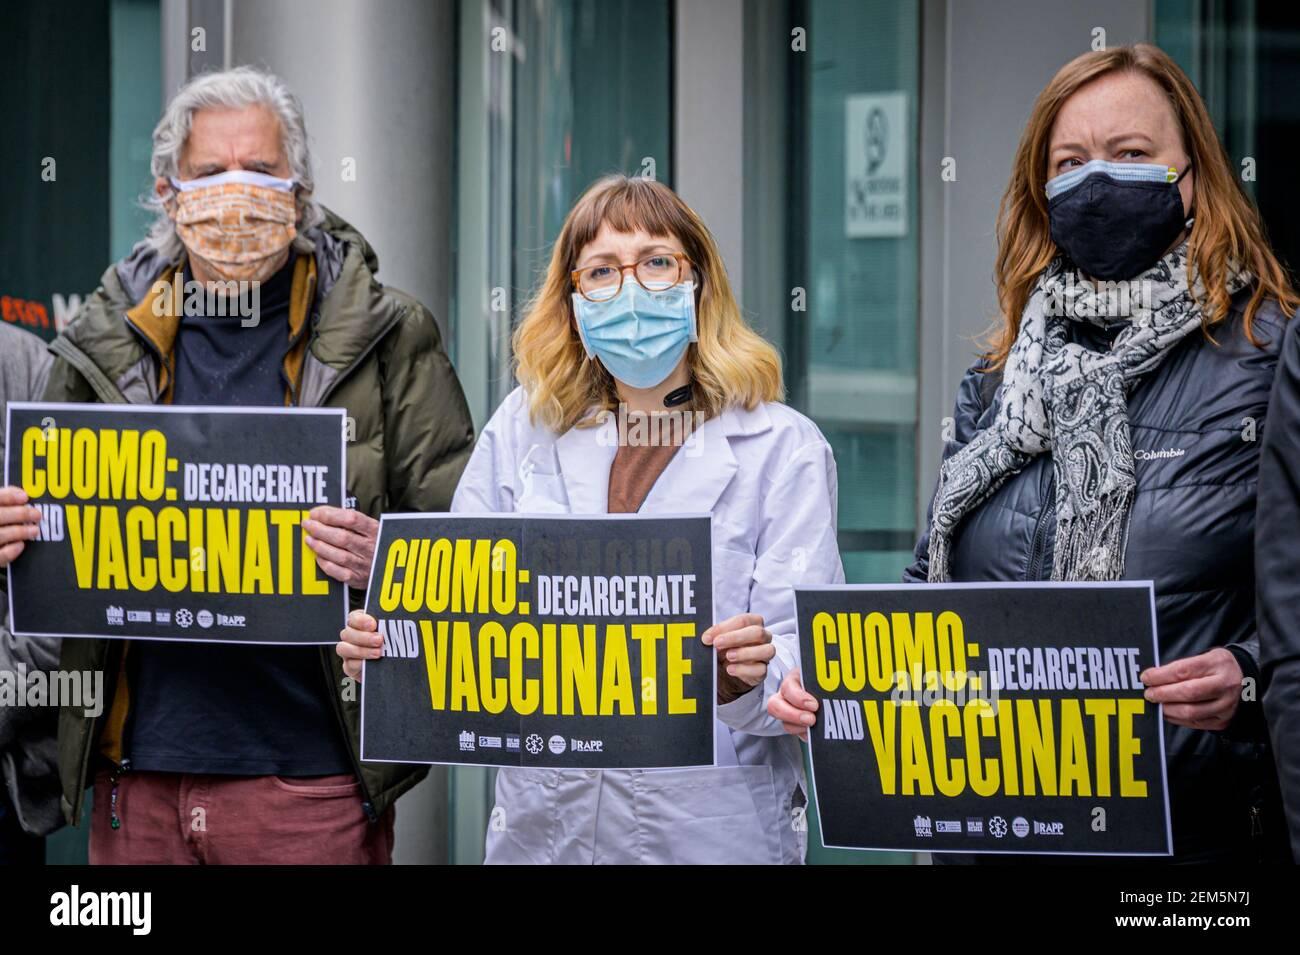 EE.UU. 24 de febrero de 2021. El 24 de febrero de 2021, una delegación de neoyorquinos que anteriormente estaban encarcelados, profesionales de la salud pública, miembros del Grupo de Trabajo COVID-19 de Nueva York, Defensores comunitarios y neoyorquinos preocupados organizaron una manifestación frente a la oficina del gobernador Cuomo en Manhattan para entregar una carta exigiendo que Cuomo amplíe el acceso a las vacunas COVID-19 a todas las personas encarceladas en el estado de Nueva York, no solo a las mayores de 65 años. (Foto de Erik McGregor/Sipa USA) crédito: SIPA USA/Alamy Live News Foto de stock